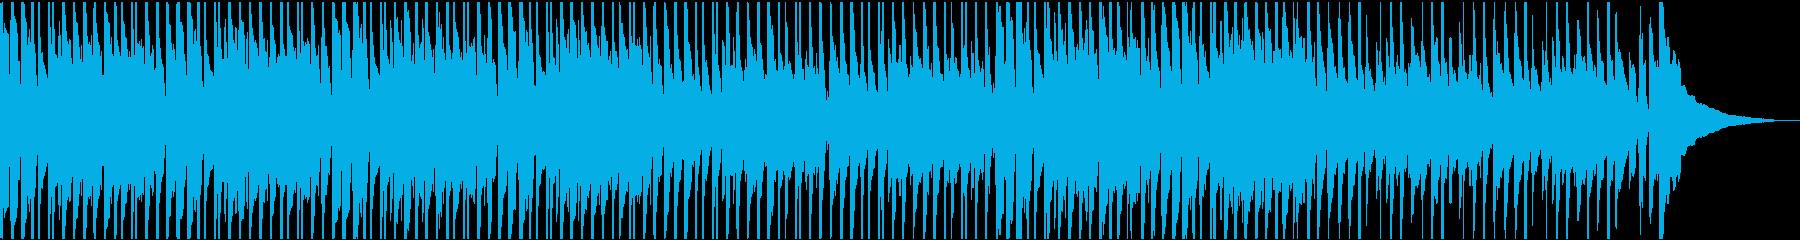 レゲエ スカし ブルース カントリ...の再生済みの波形